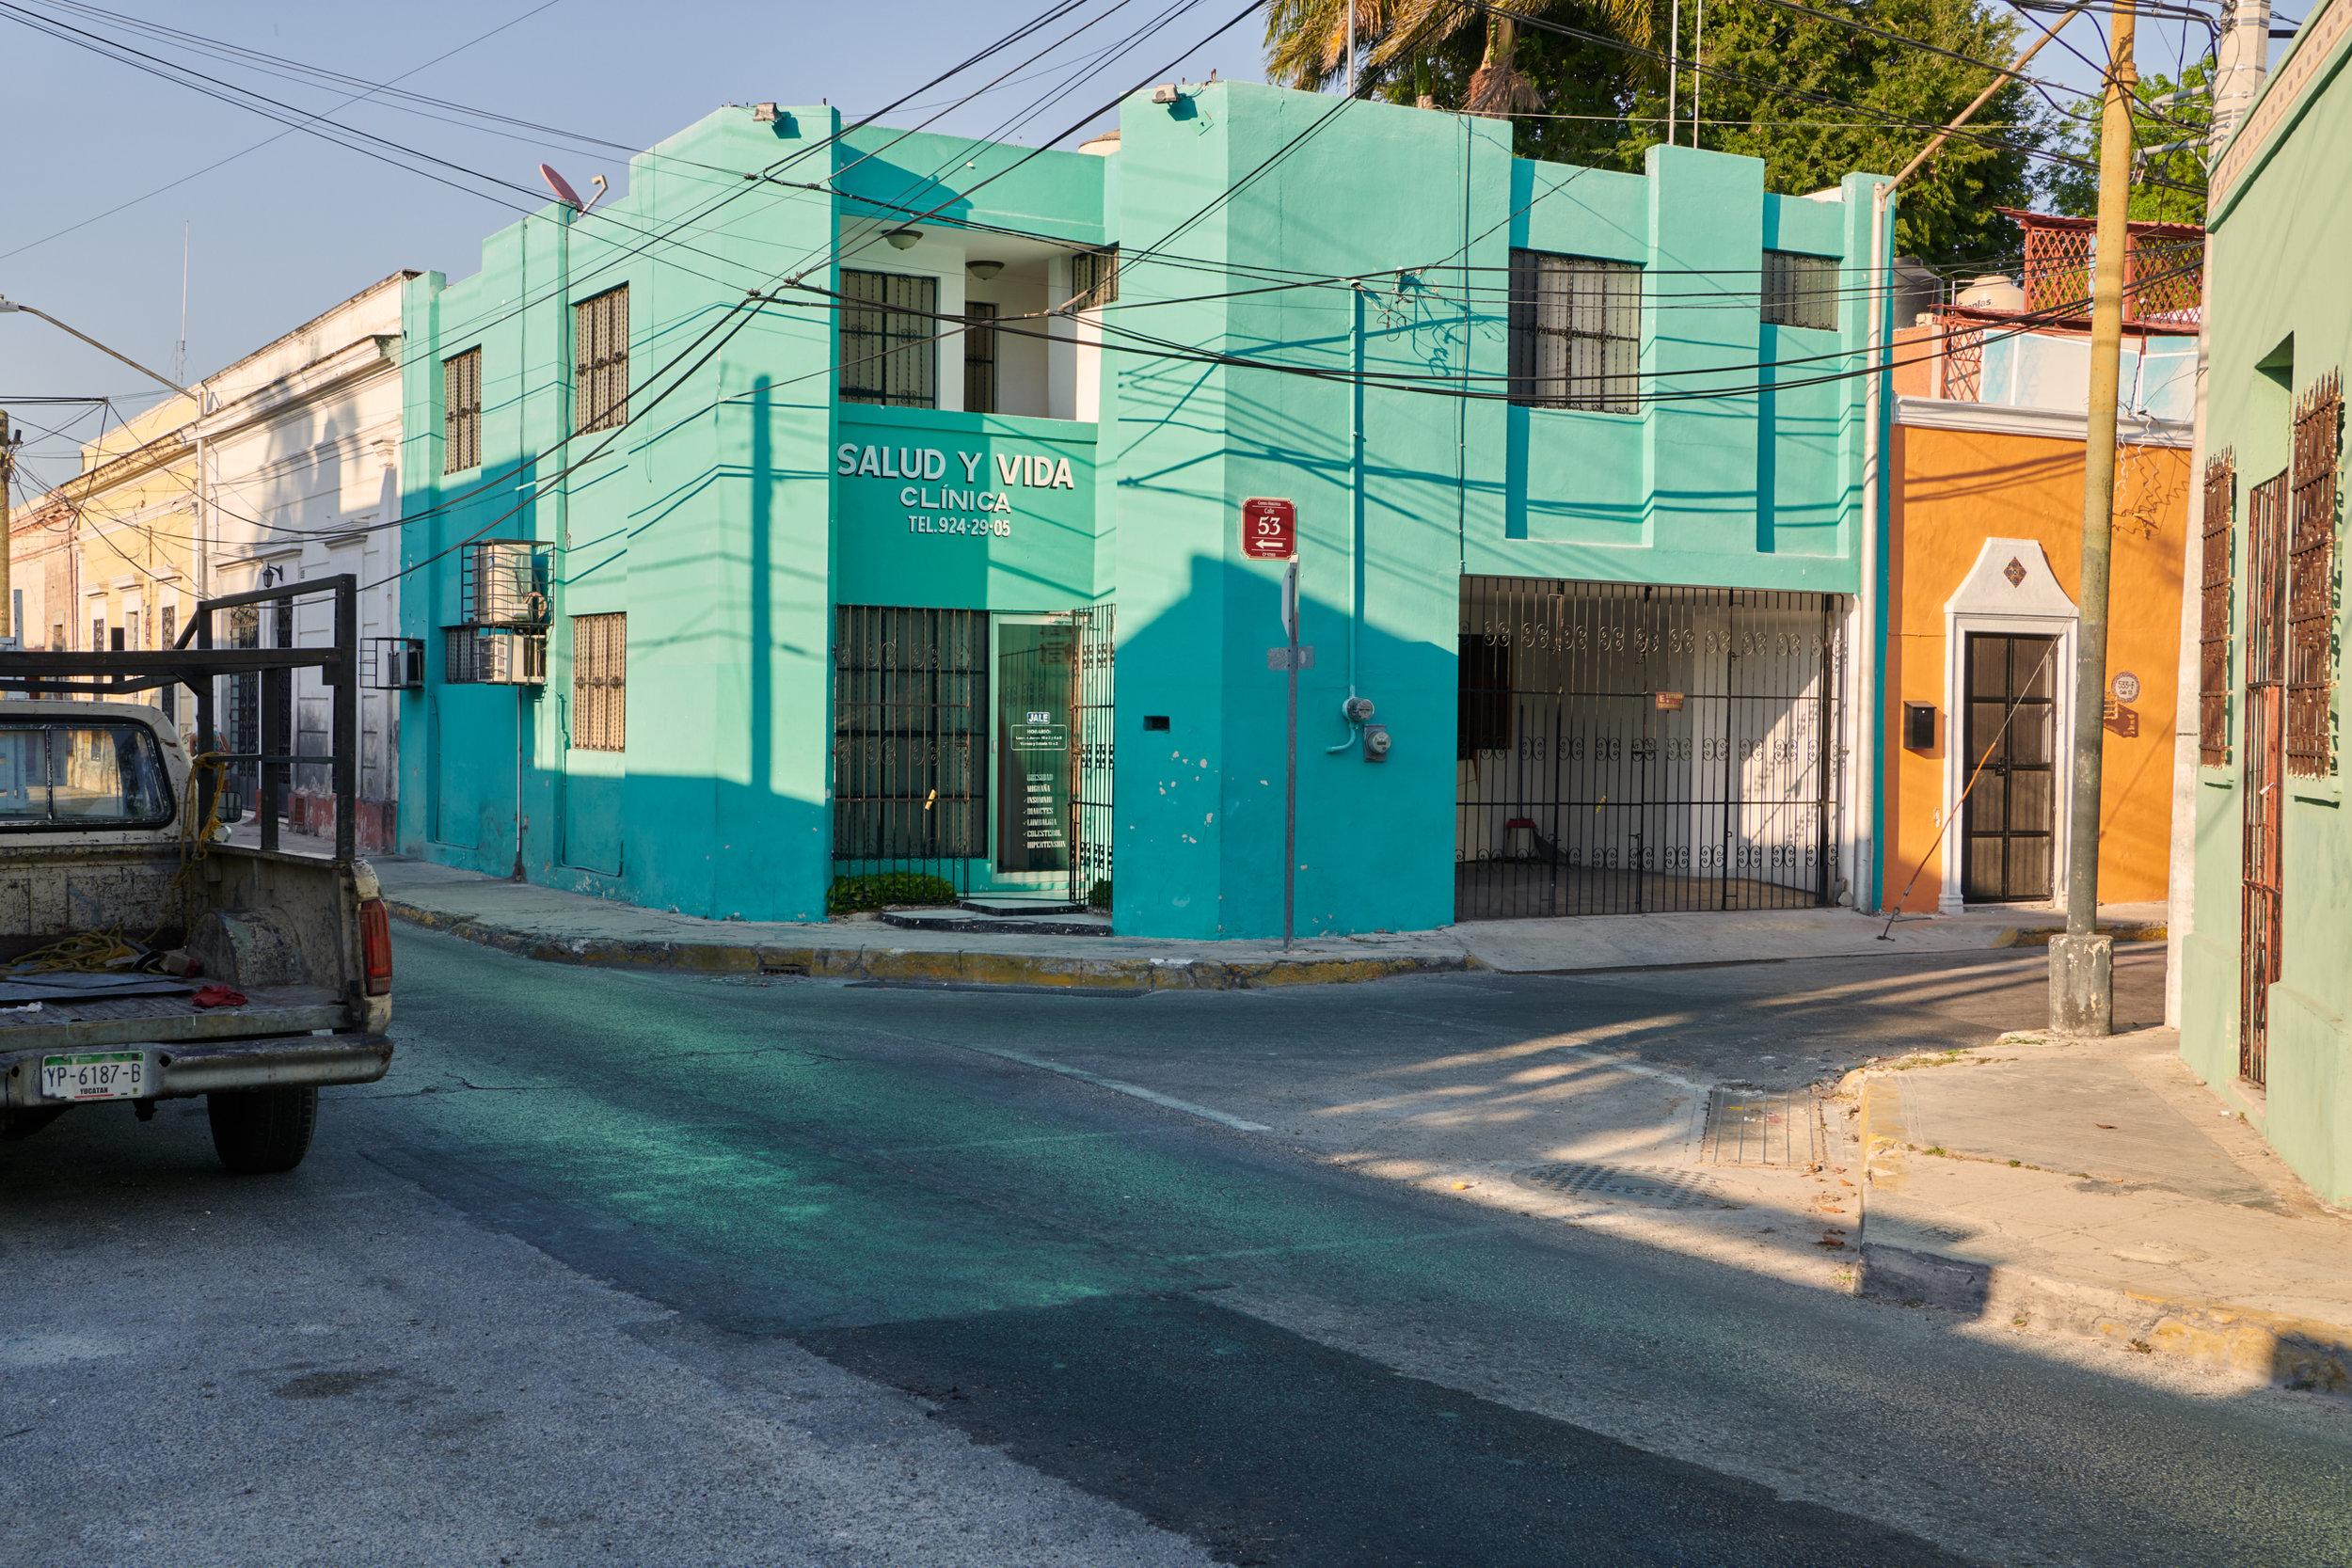 Salud y vida, Mérida, 2018